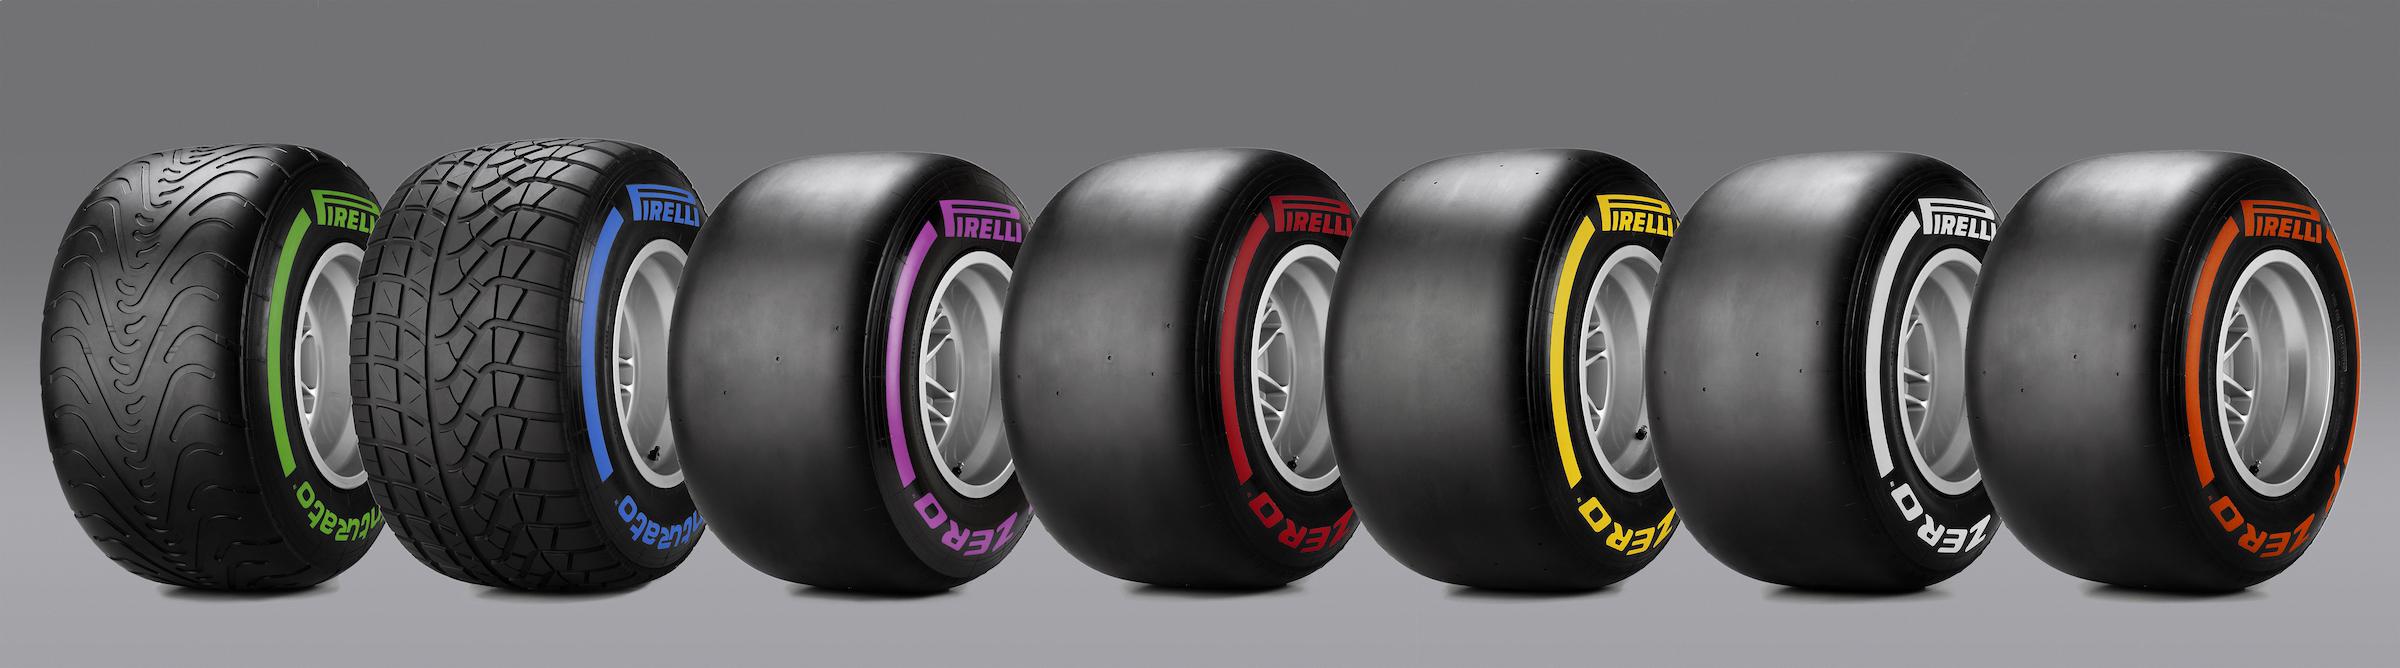 Pirelli_F1_2016_04.jpg